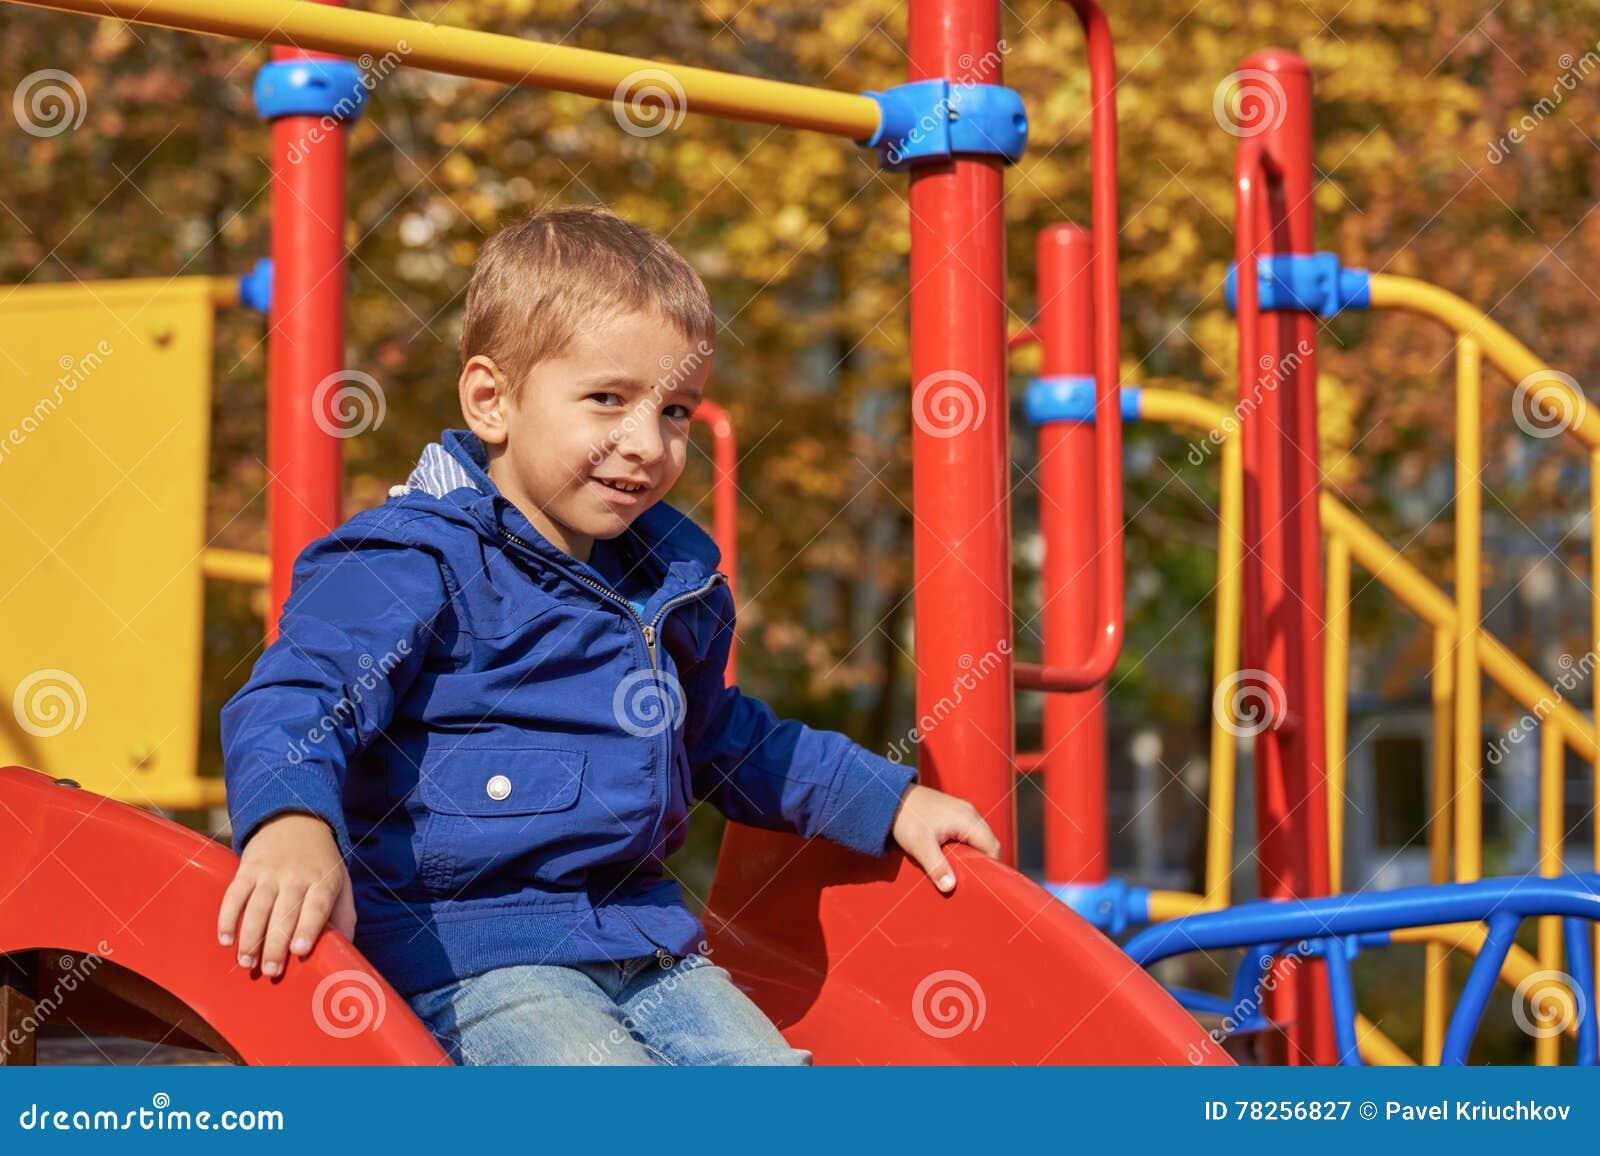 Πορτρέτο ενός ευτυχούς παιδιού στην παιδική χαρά